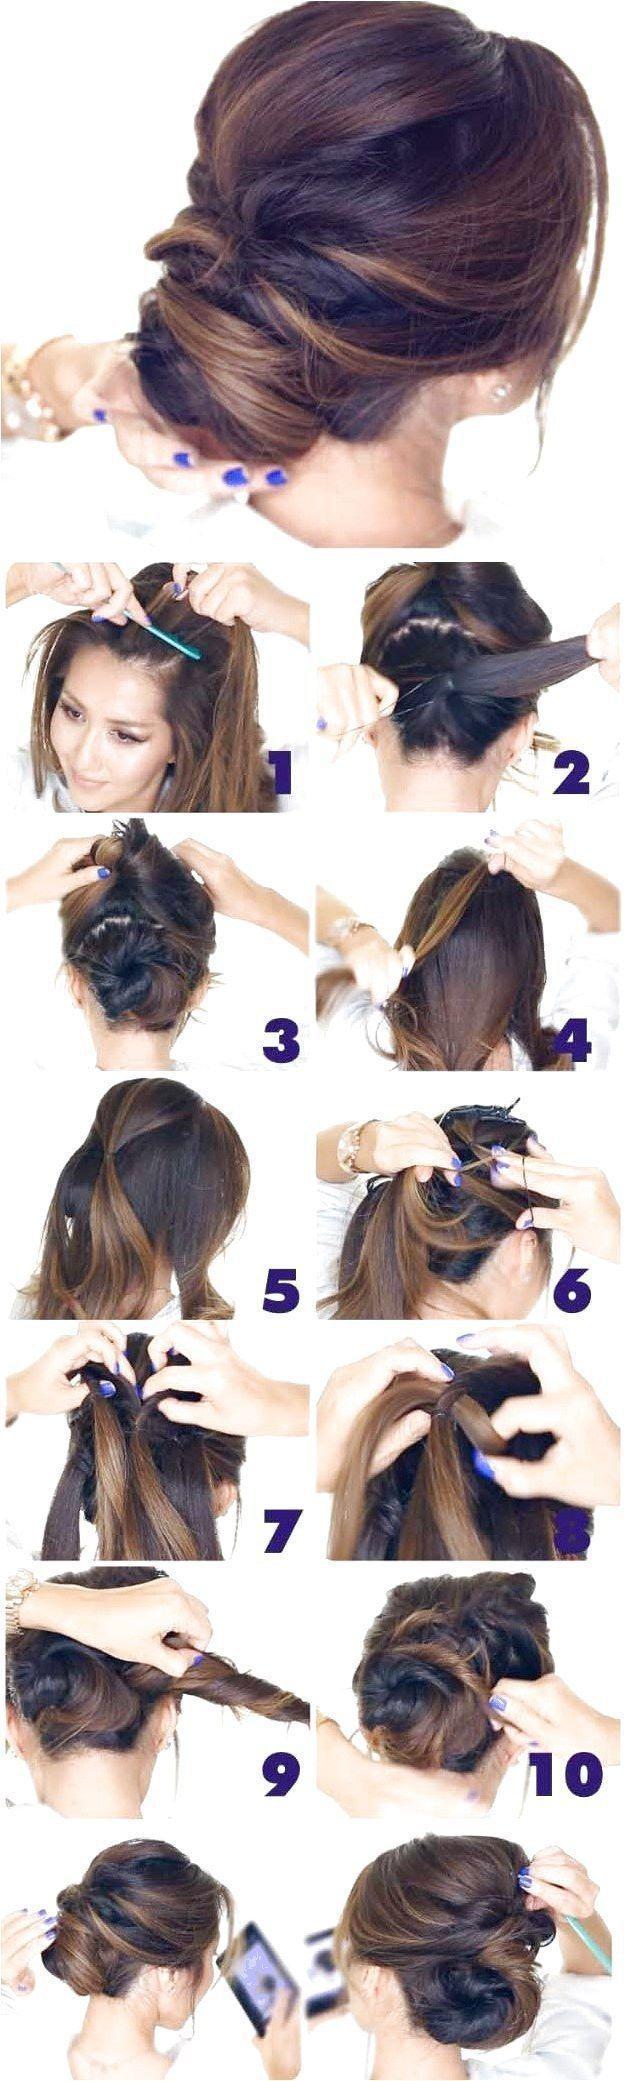 #Brides #Easy #Easy Hairstyles for school #El #Hairstyles #Minute